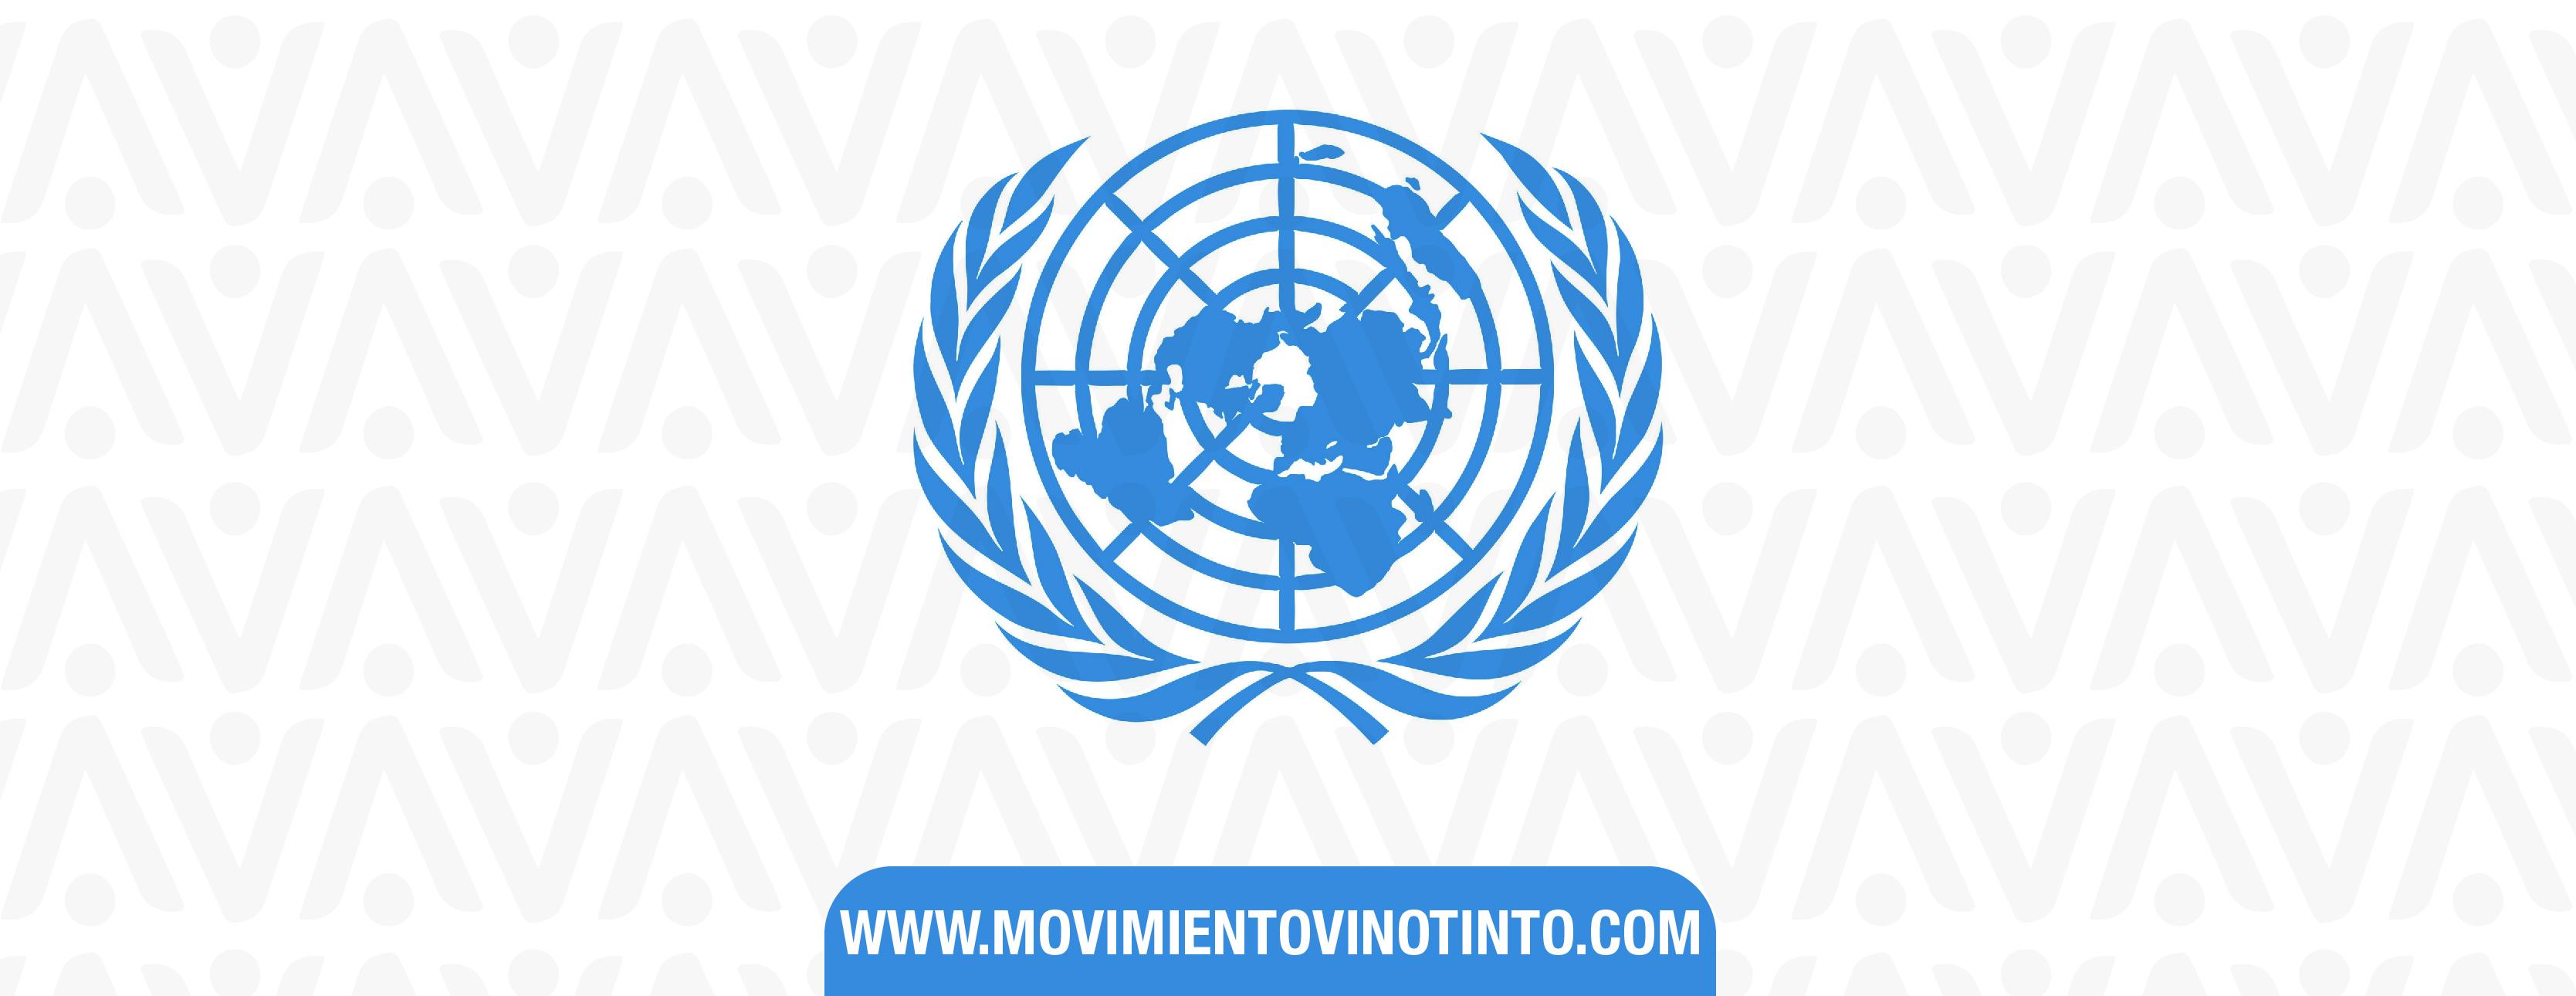 Día de las Naciones Unidas #24Oct